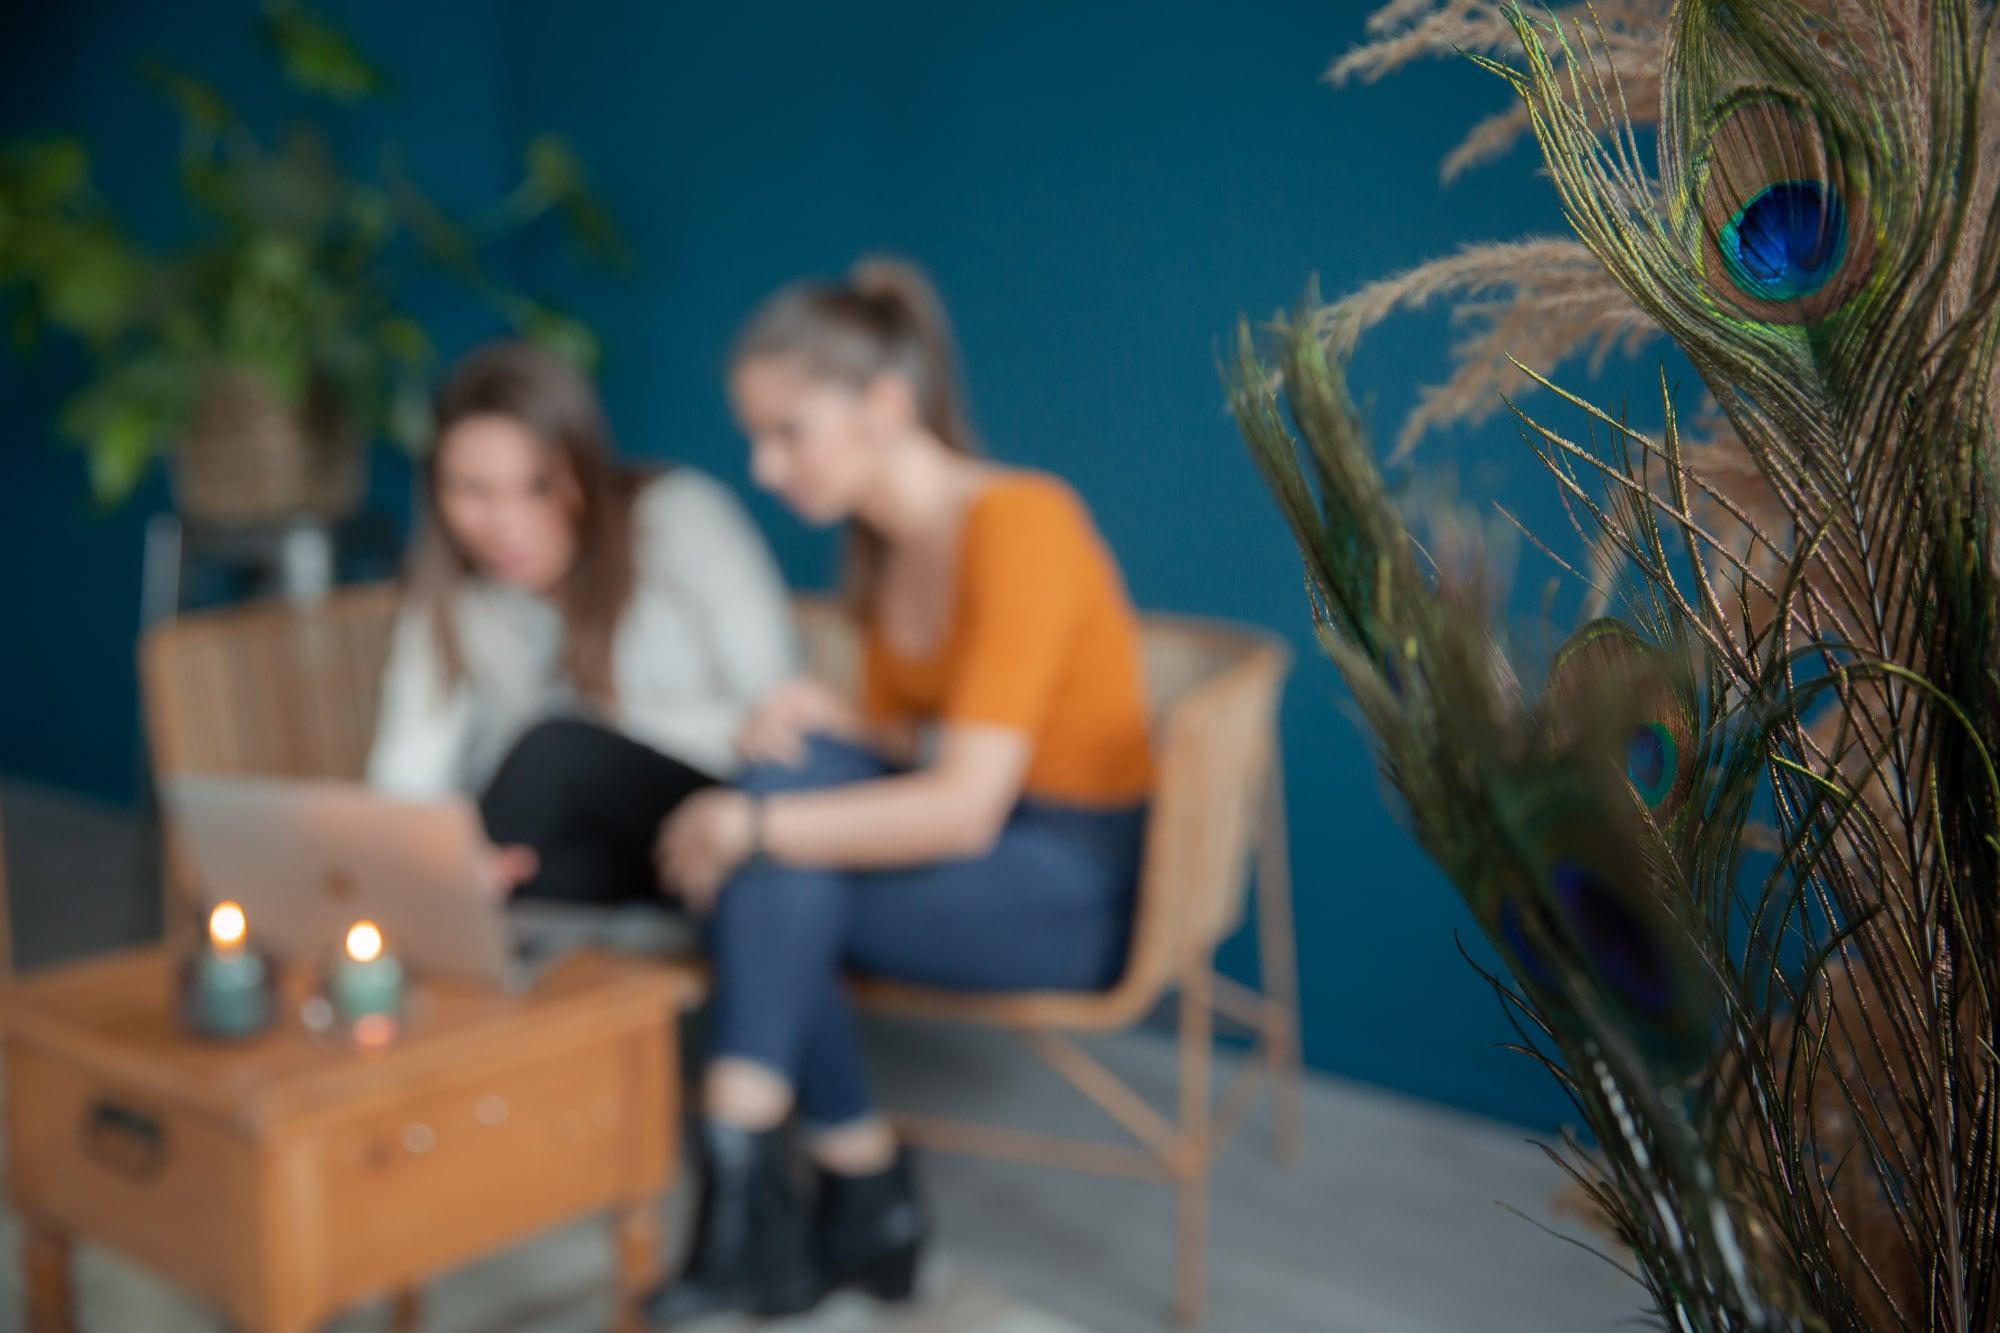 noni Brautkleid online kaufen, Freundinnen im Wohnzimmer bei Onlinekauf mit Laptop